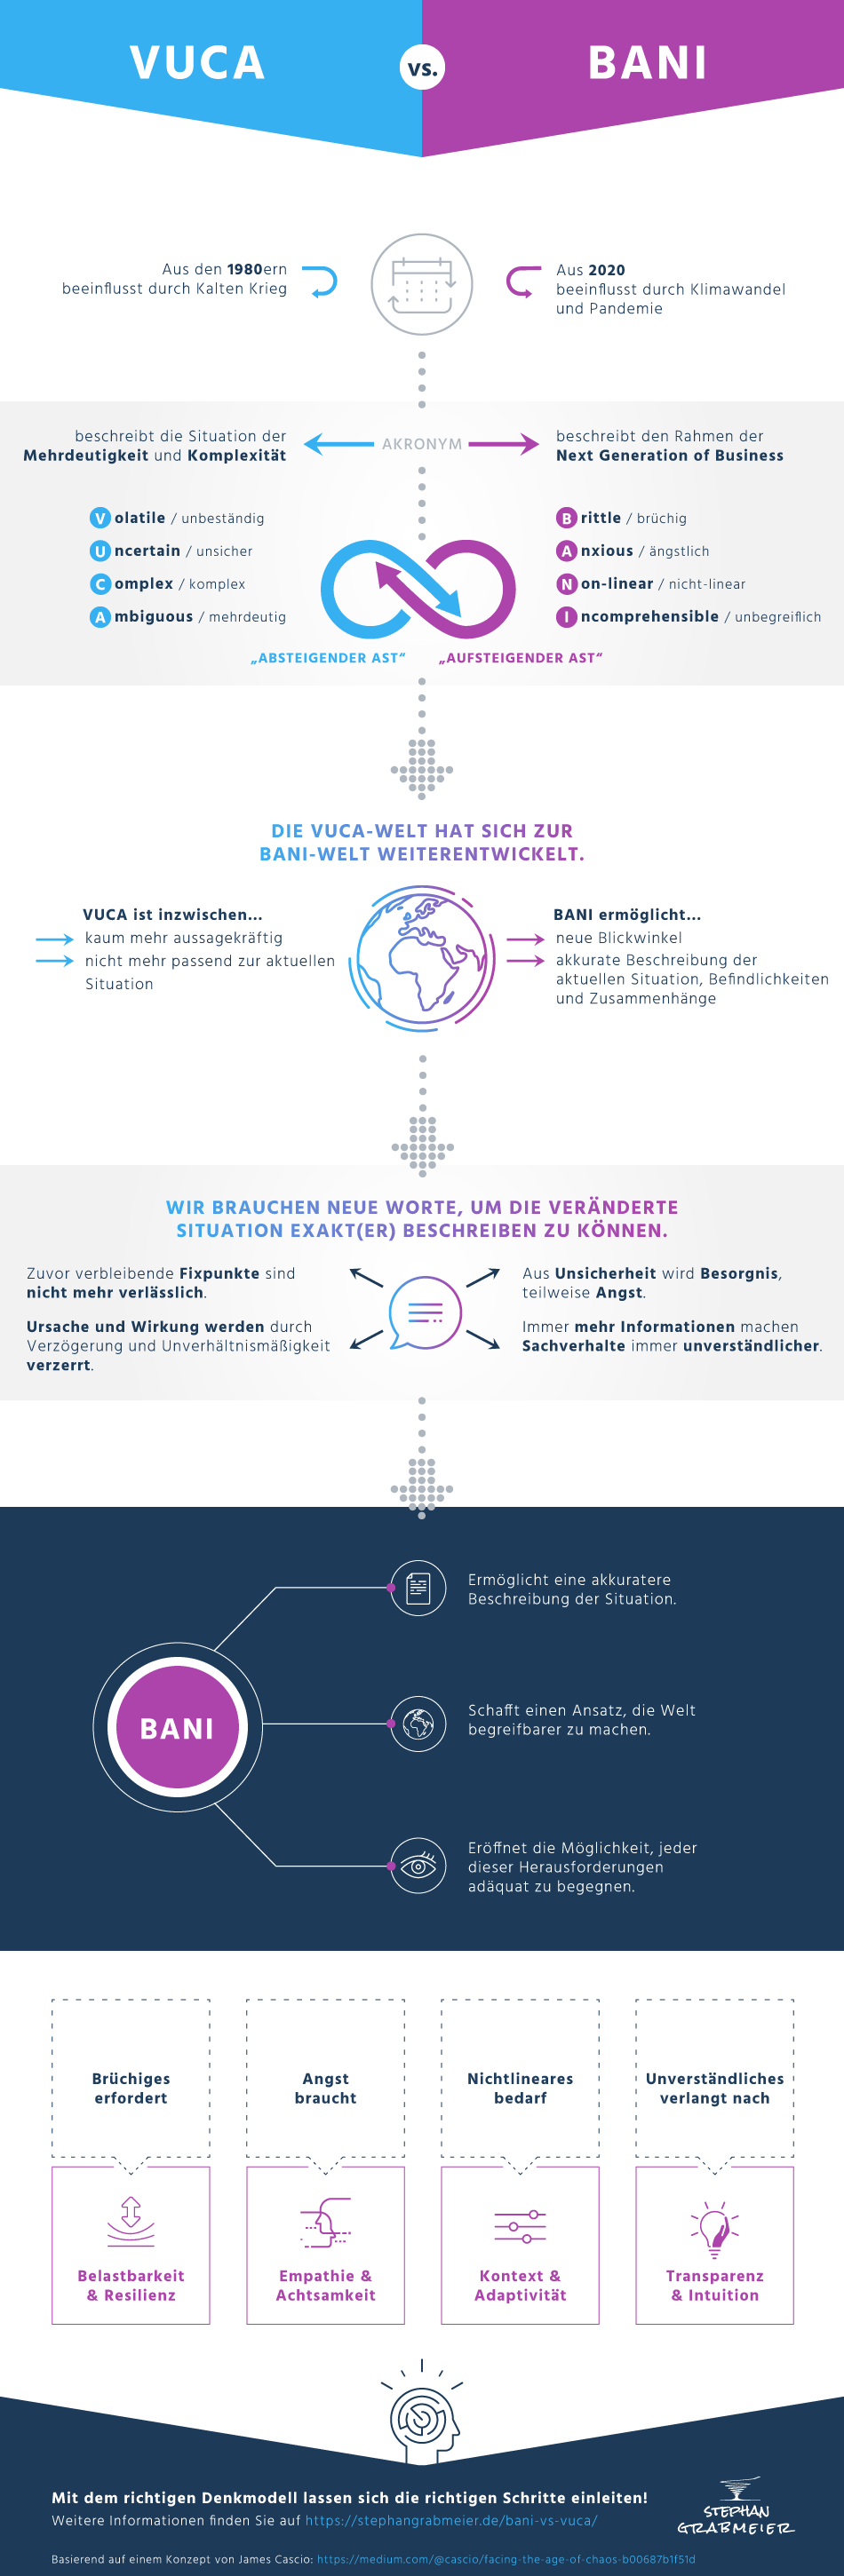 Infografik zu Bani vs Vuca